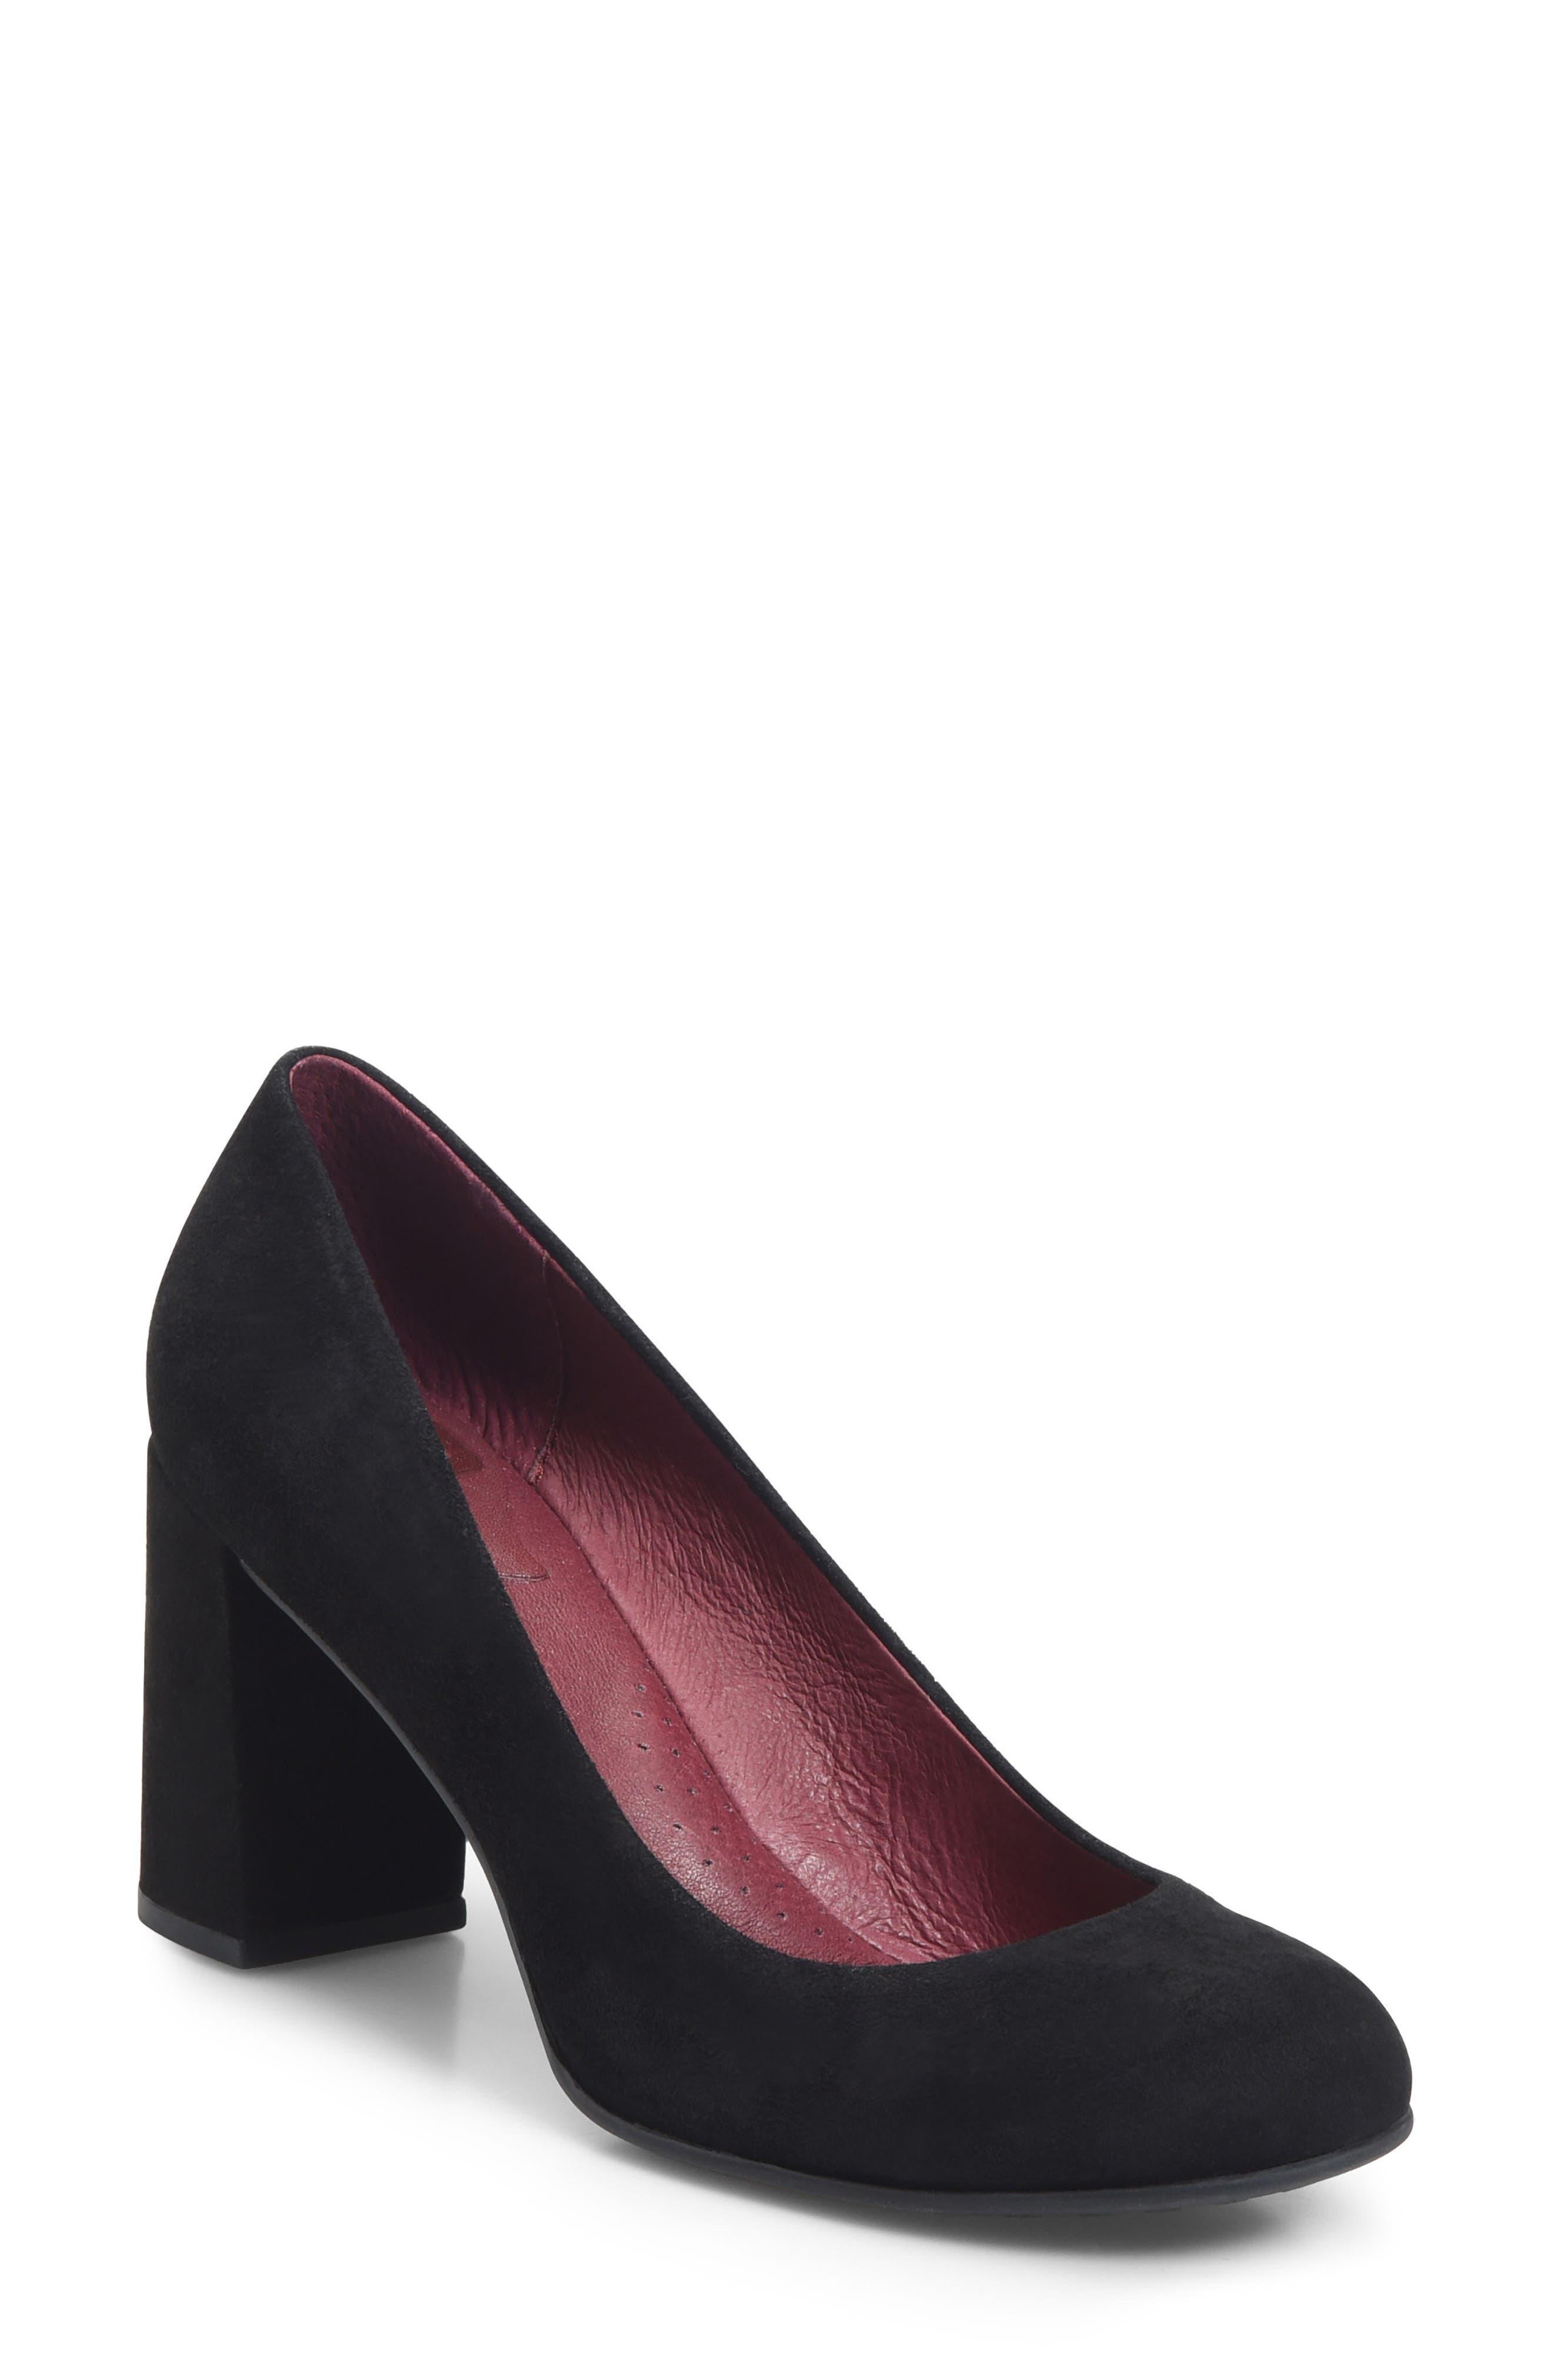 Alpena Block Heel Pump,                         Main,                         color, Black Suede